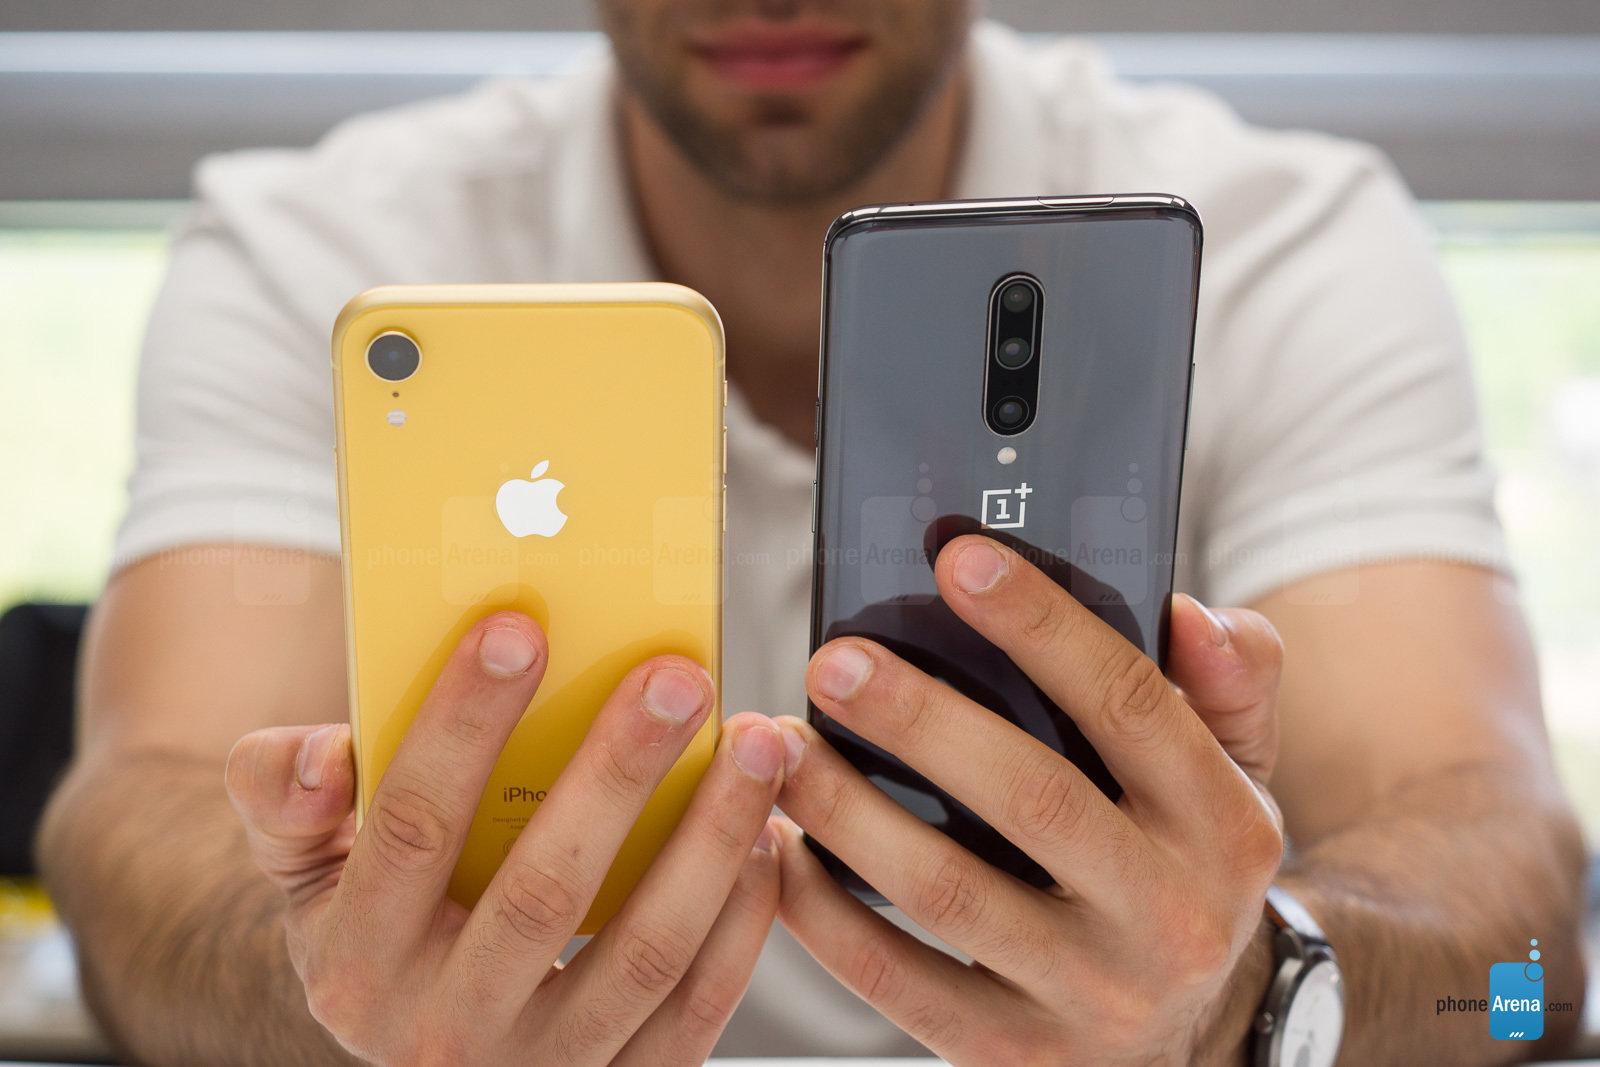 پایان همیشگی جدال قدرتمندان اندروید و آیاواس، OnePlus 7 Pro یا iPhone XR